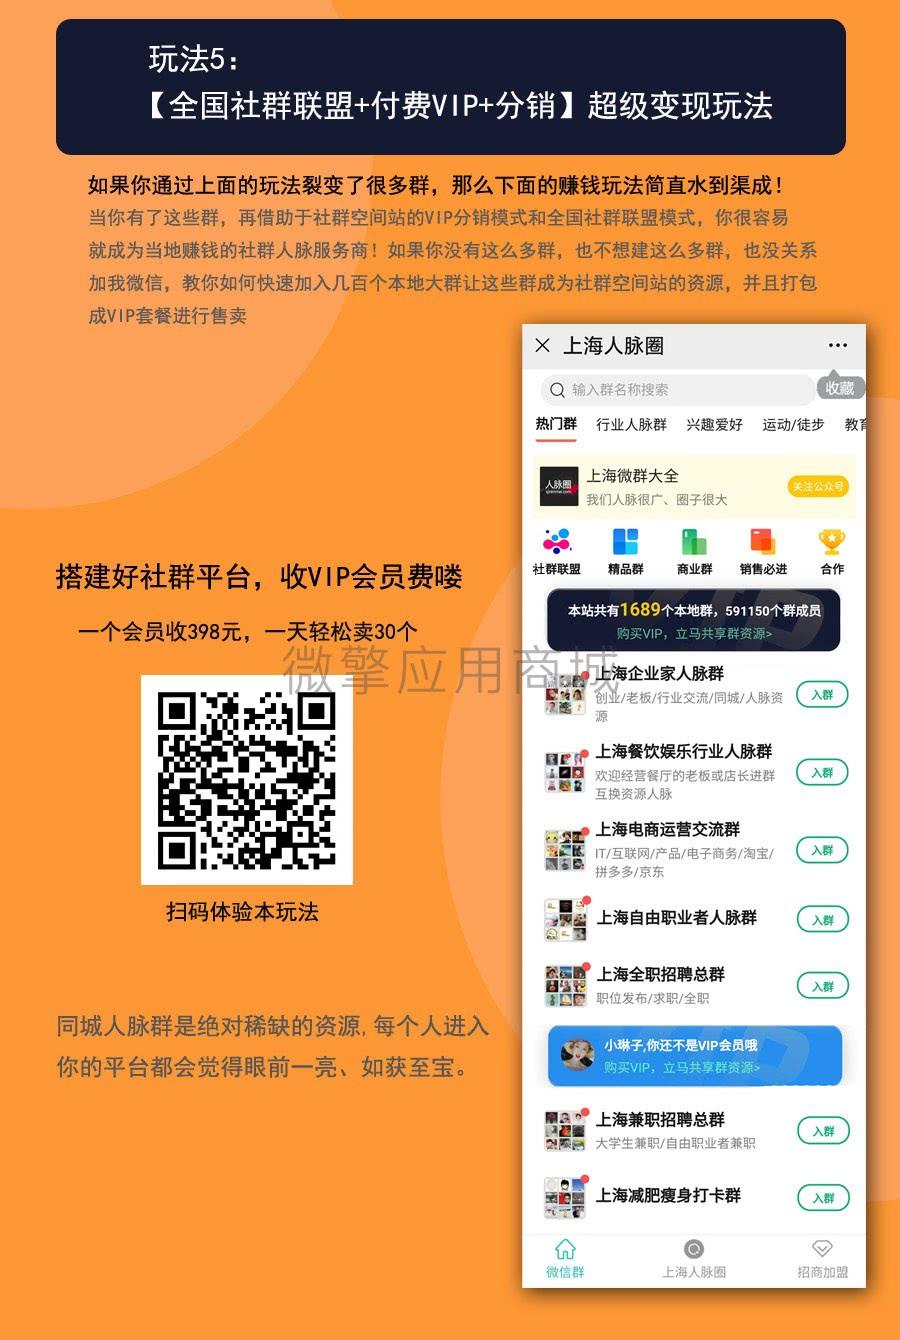 【公众号应用】社群空间站V3.5.2微信群应用系统,后台增加一处备注 公众号应用 第10张